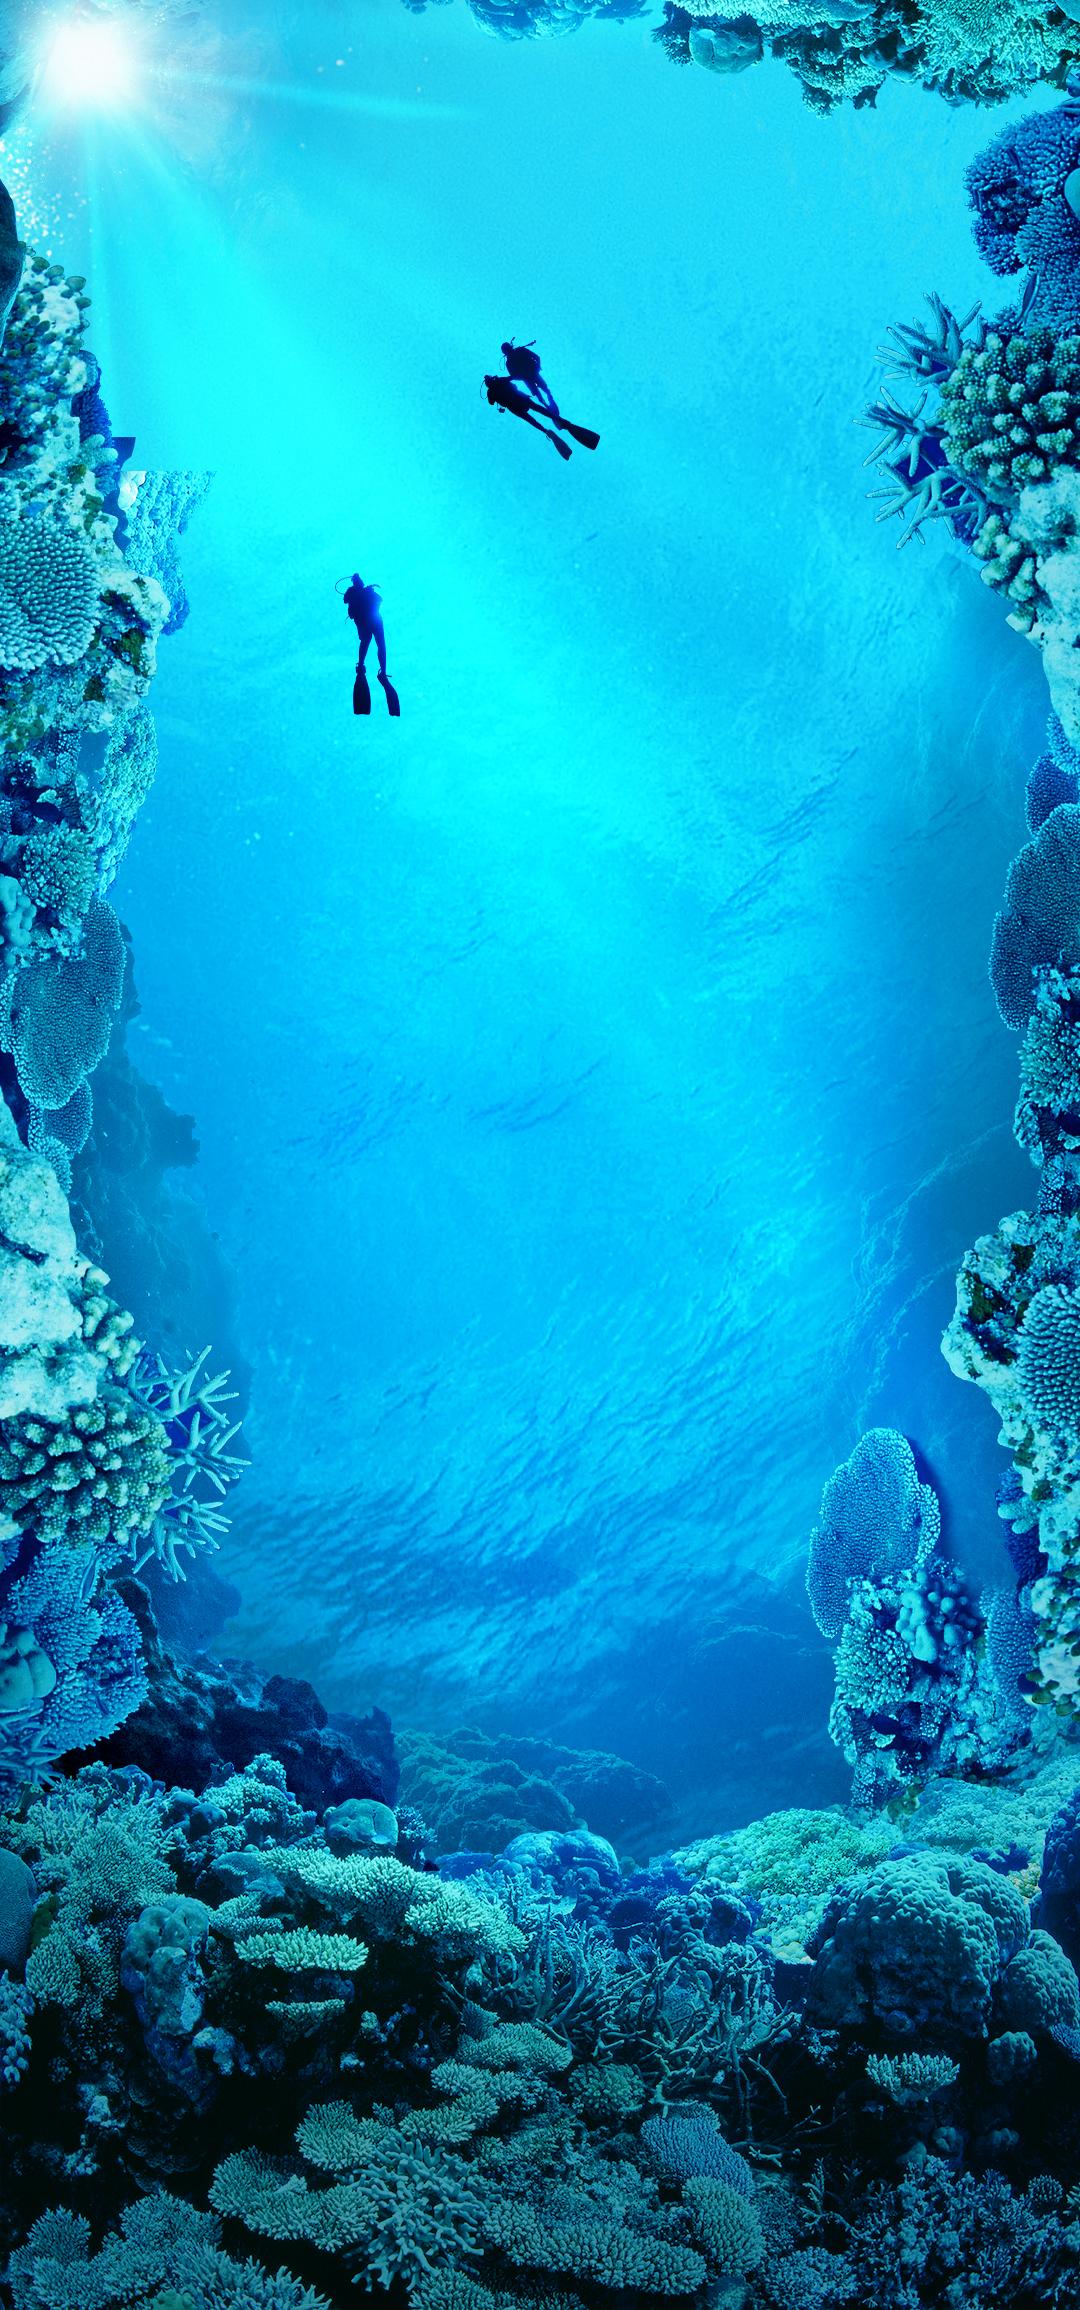 海洋.jpg